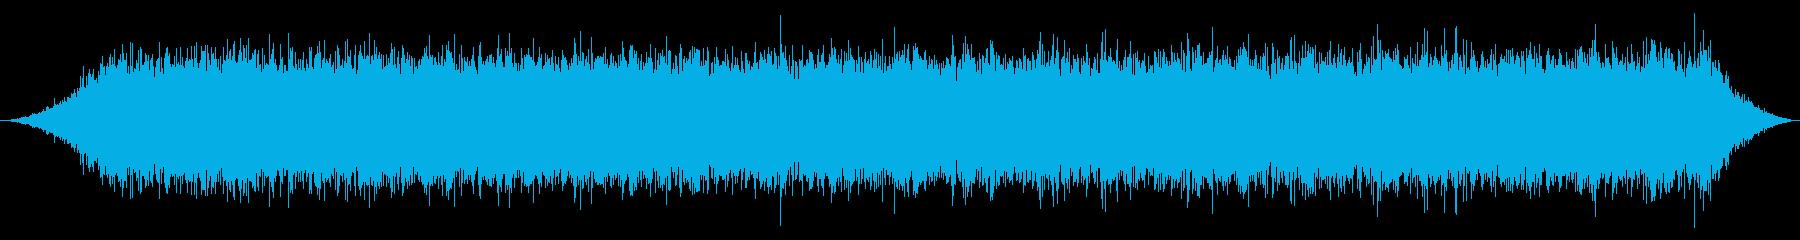 窓のエアコン:実行中の再生済みの波形